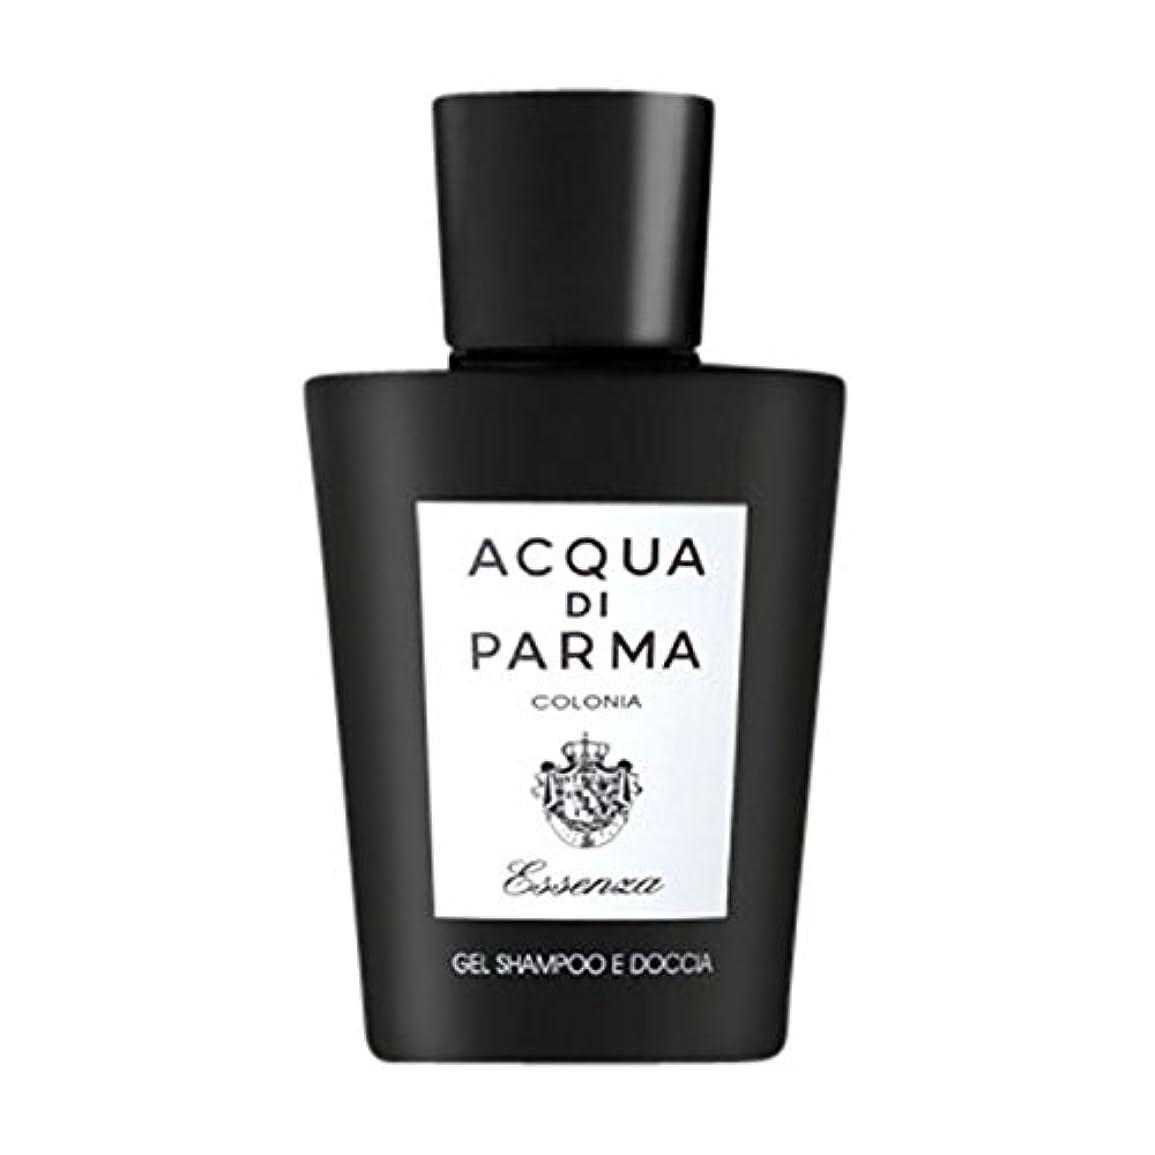 アクアディパルマコロニアEssenza髪とシャワージェル200ミリリットル (Acqua di Parma) - Acqua di Parma Colonia Essenza Hair and Shower Gel 200ml...